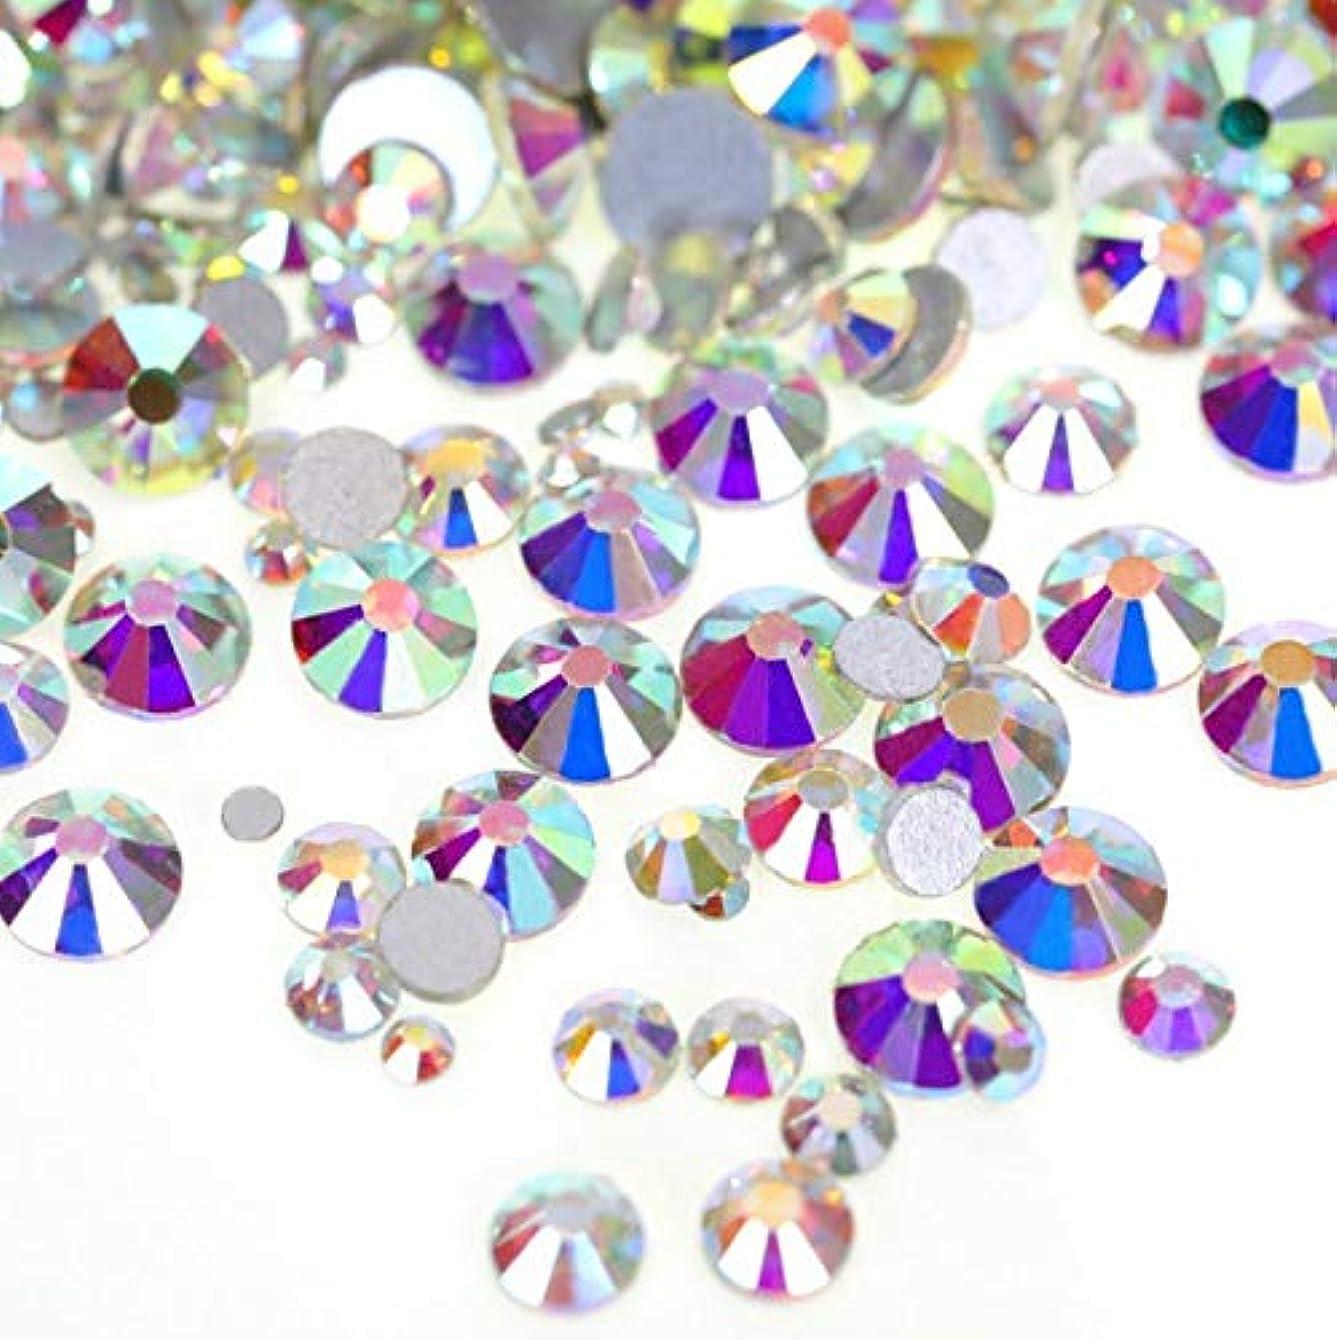 味裁量サイトライン【ラインストーン77】 超高級 ガラス製ラインストーン SS3~SS40 オーロラクリスタル スワロフスキー同等 (1.3mm (SS3) 約200粒)